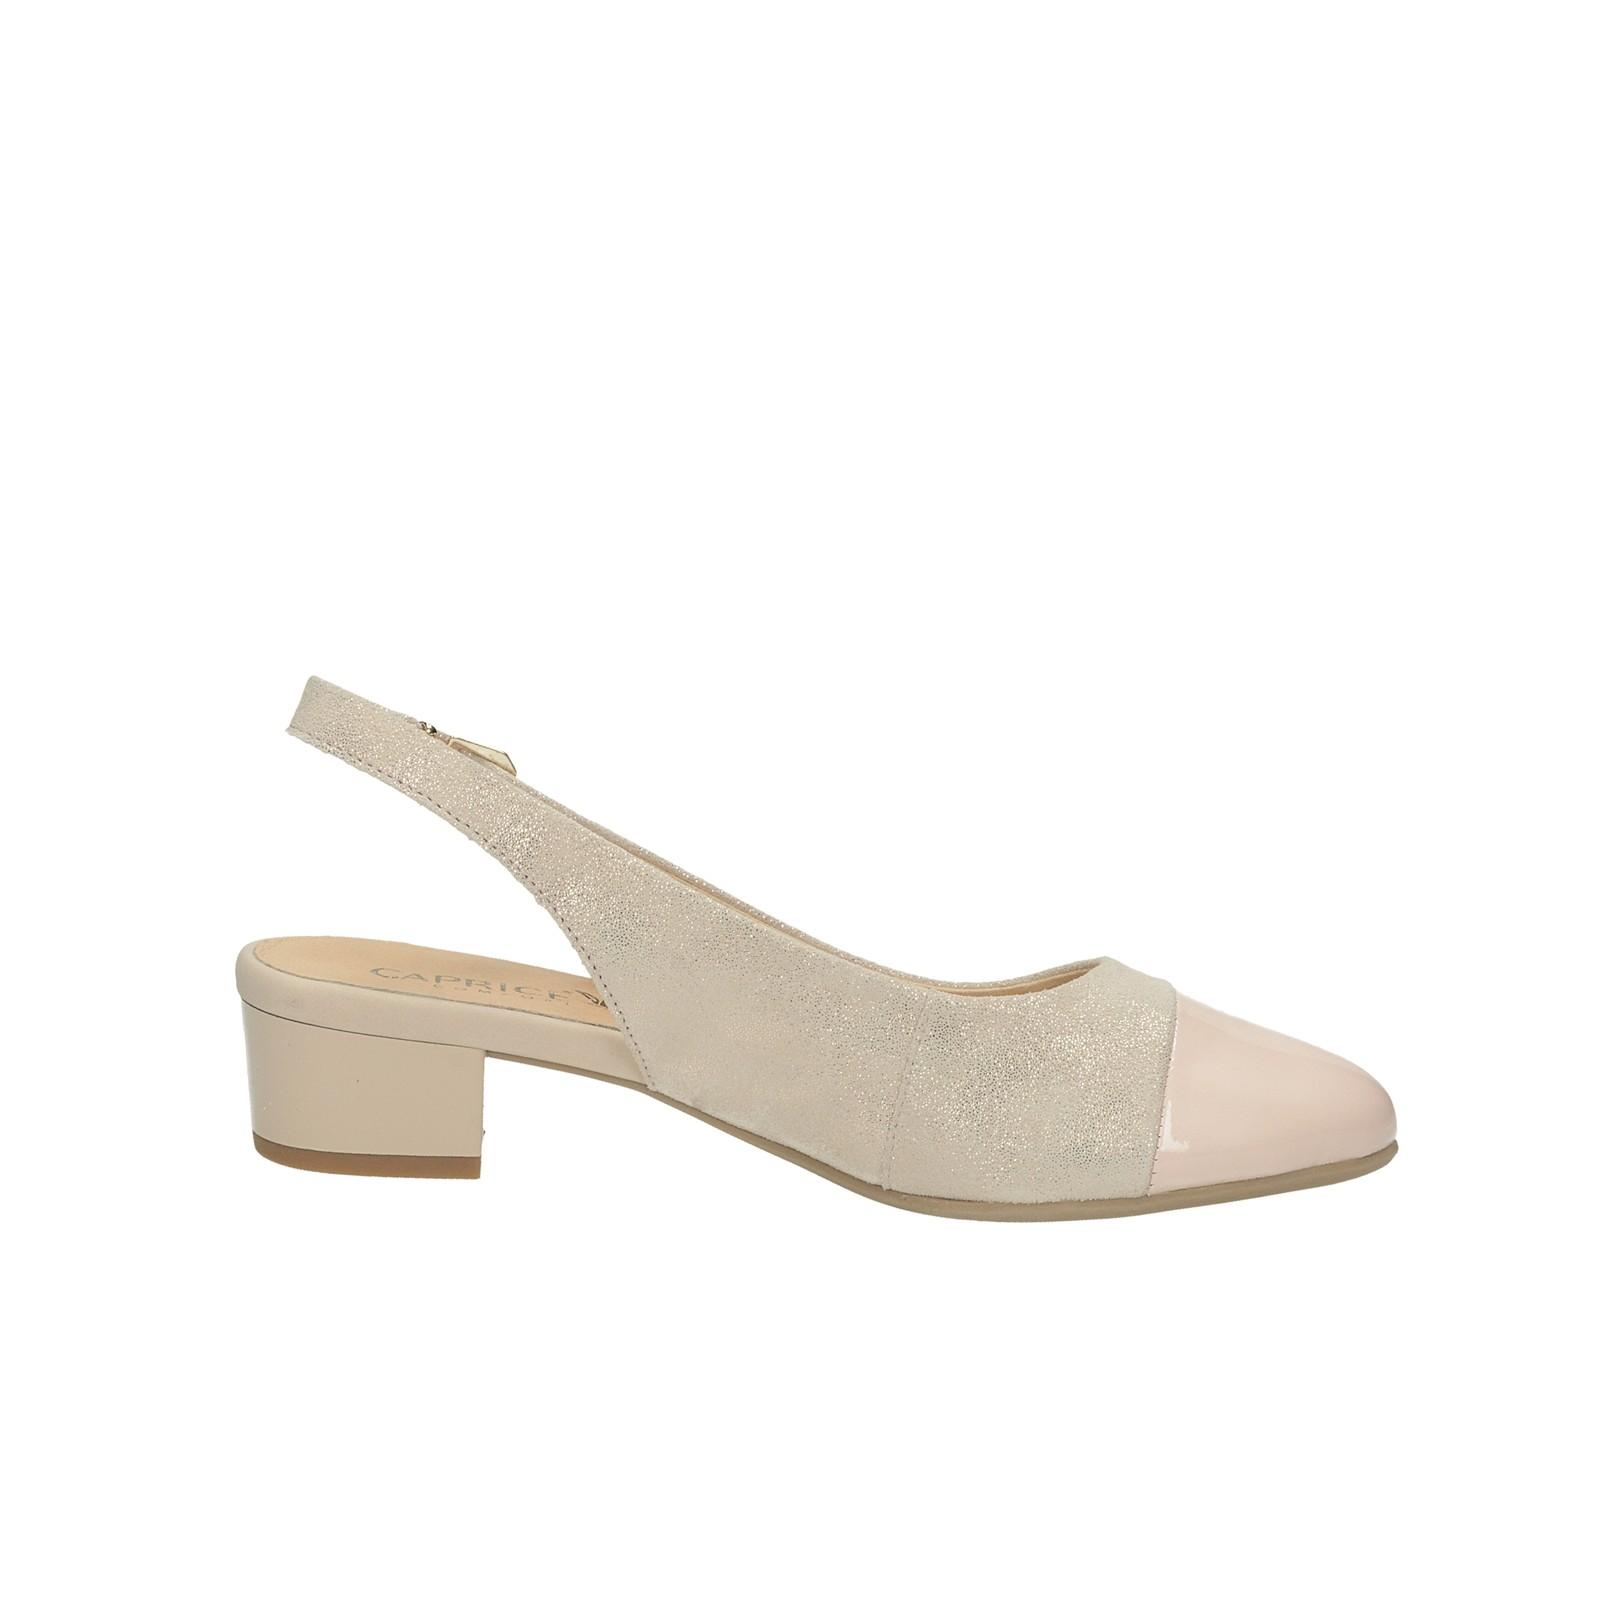 49cf1b246de4 ... Caprice dámske kožené sandále - ružové ...